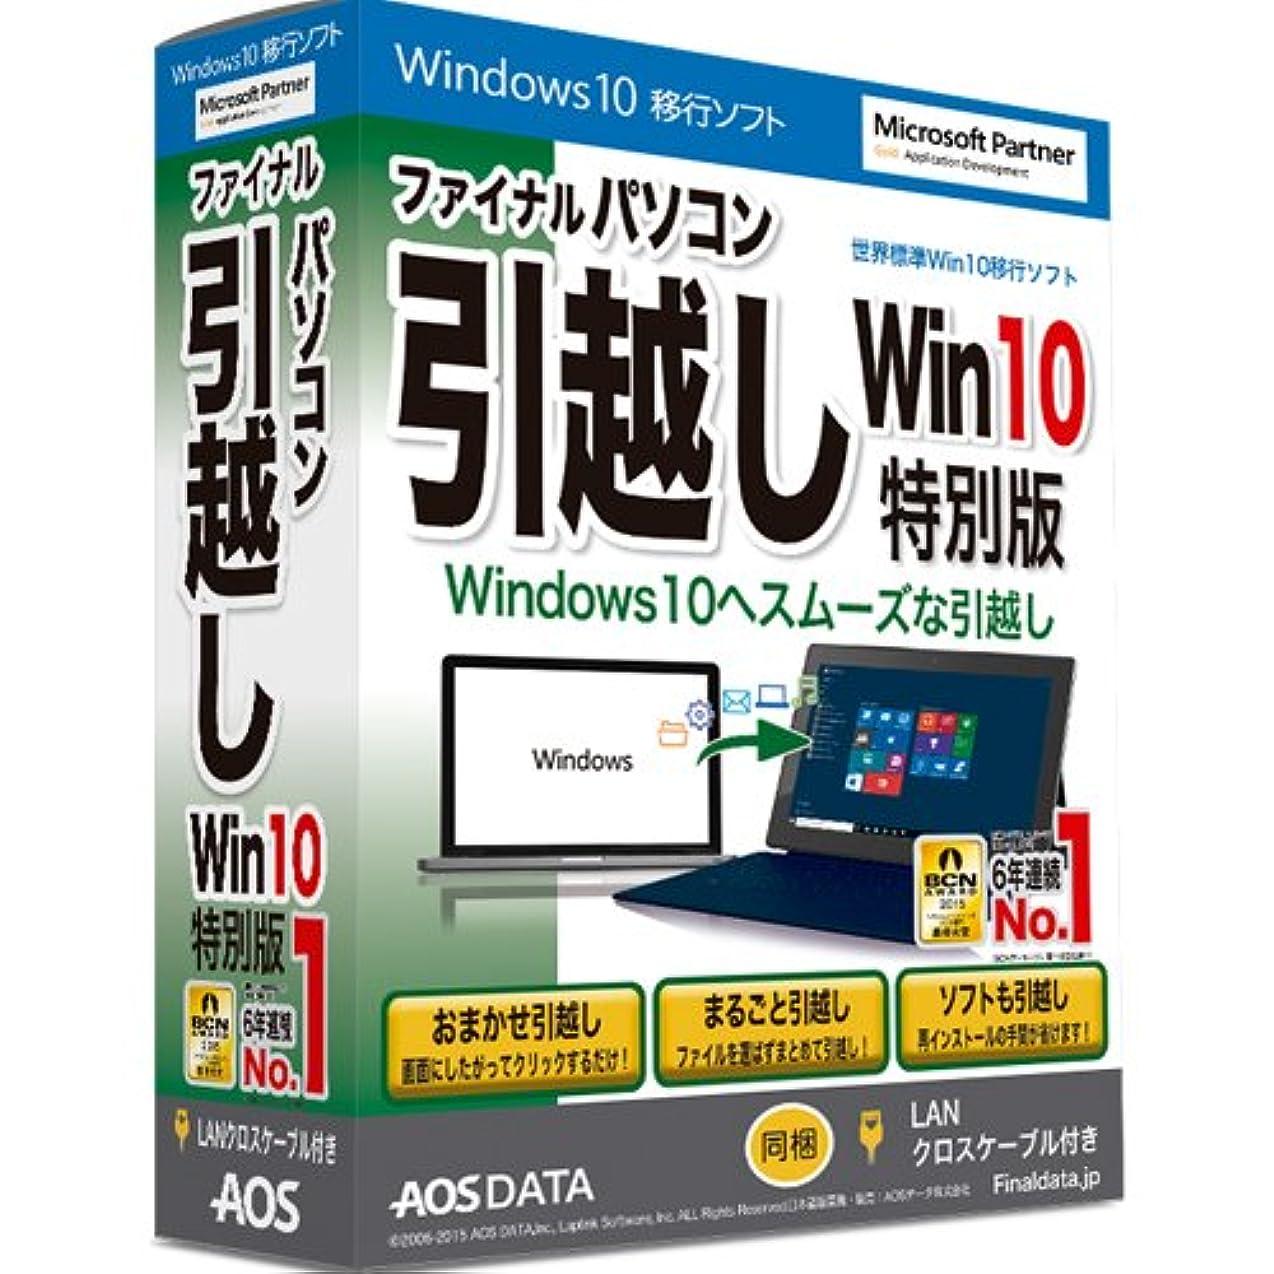 ペア核緩やかなファイナルパソコン引越し Win10特別 LANクロスケーブル付【OSの移行やパソコンの乗り換えに、簡単な手順でデータ移行できるソフト】